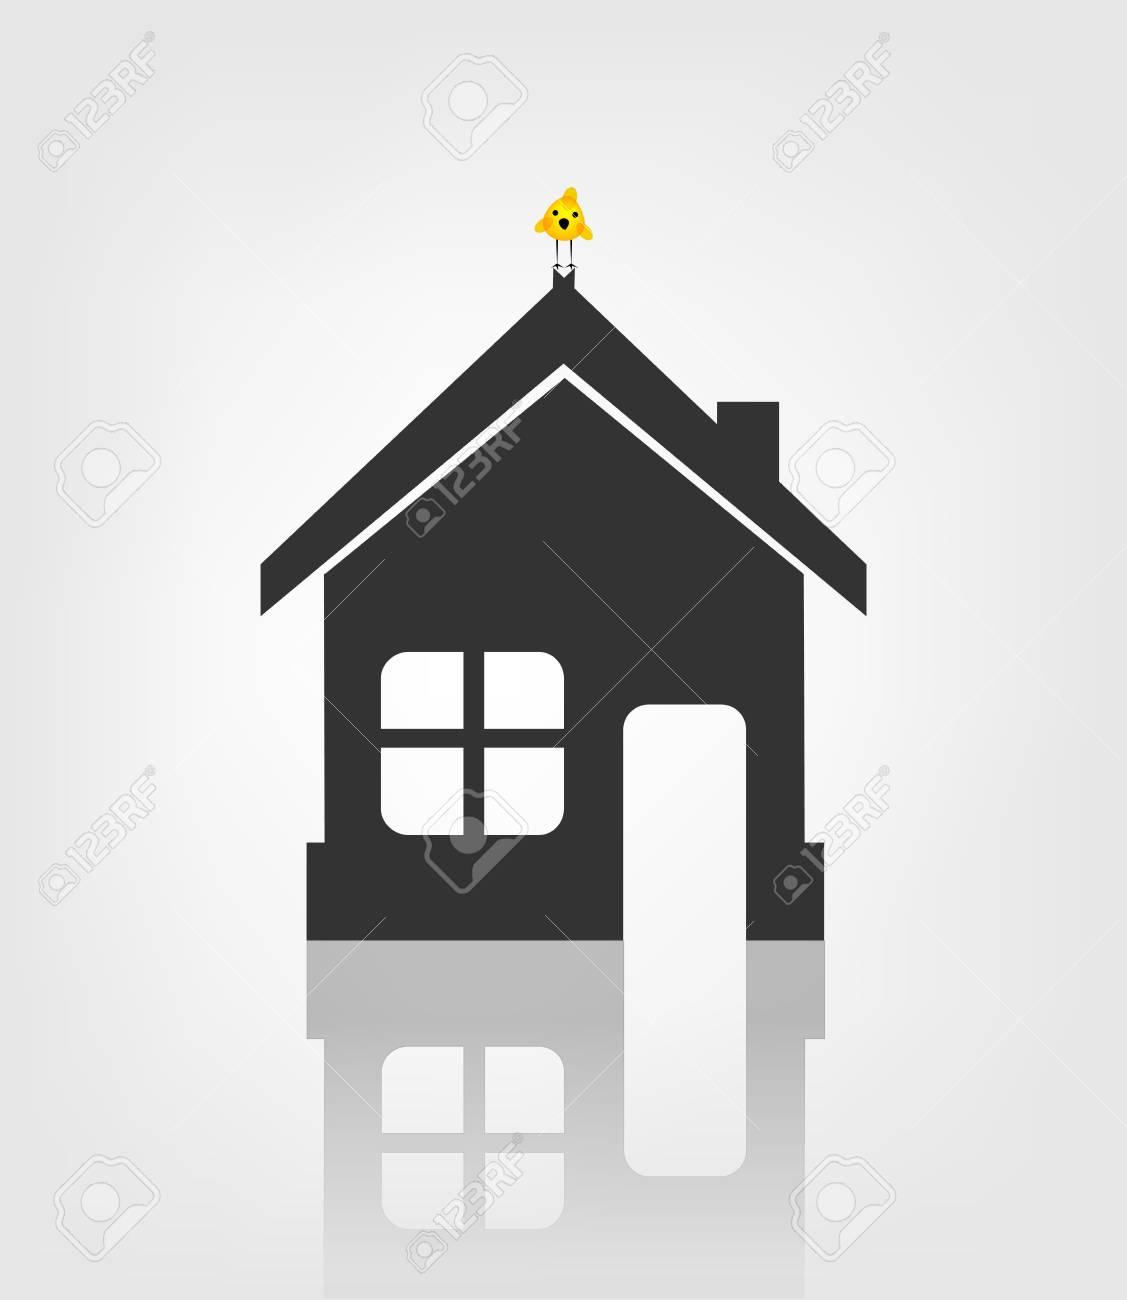 Home icon Stock Vector - 17477757